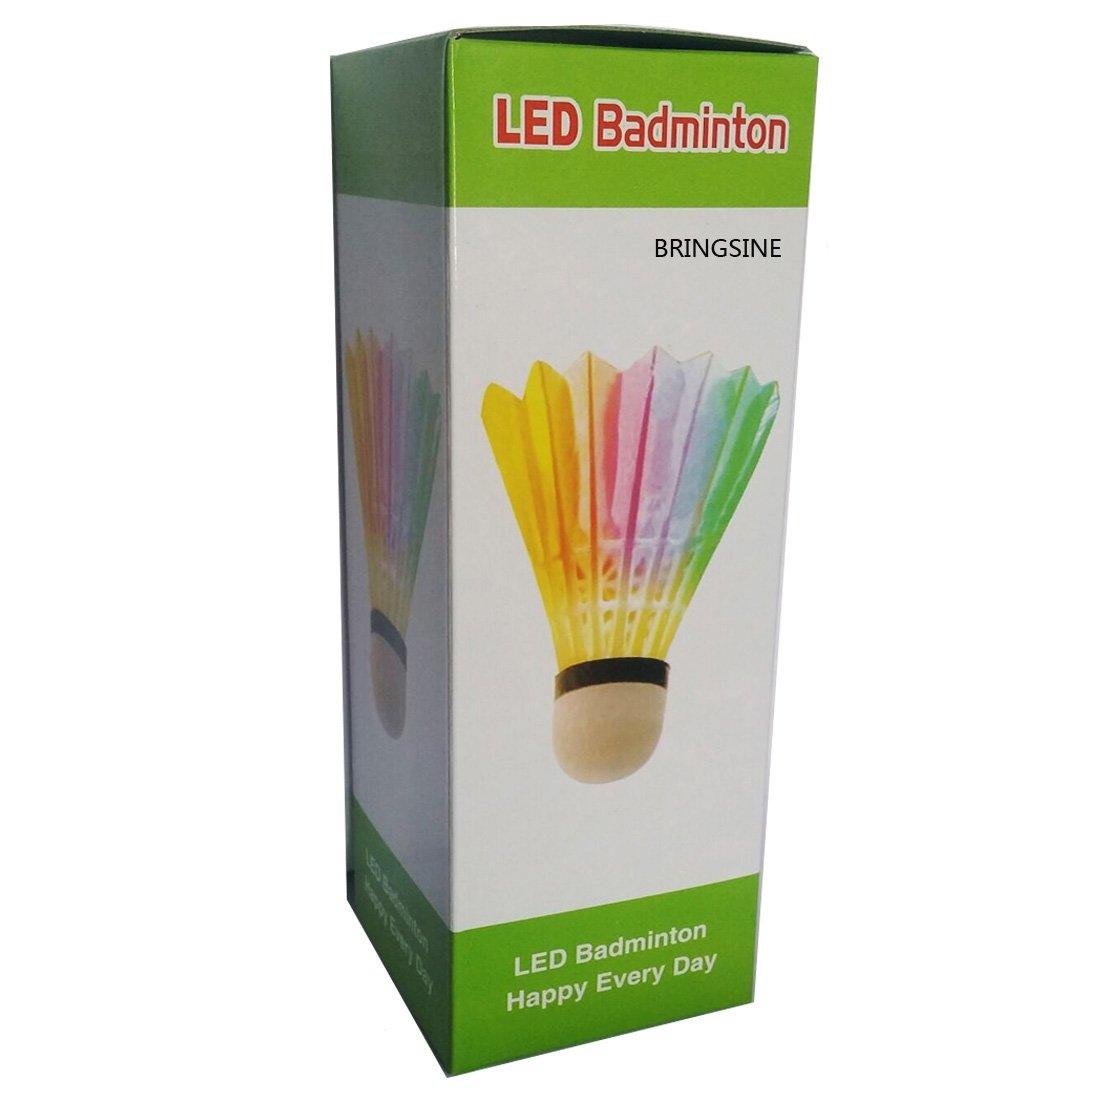 Farshop LED Badminton Shuttlecock Dark Night Glow Birdies Lighting for Indoor Sports Activities